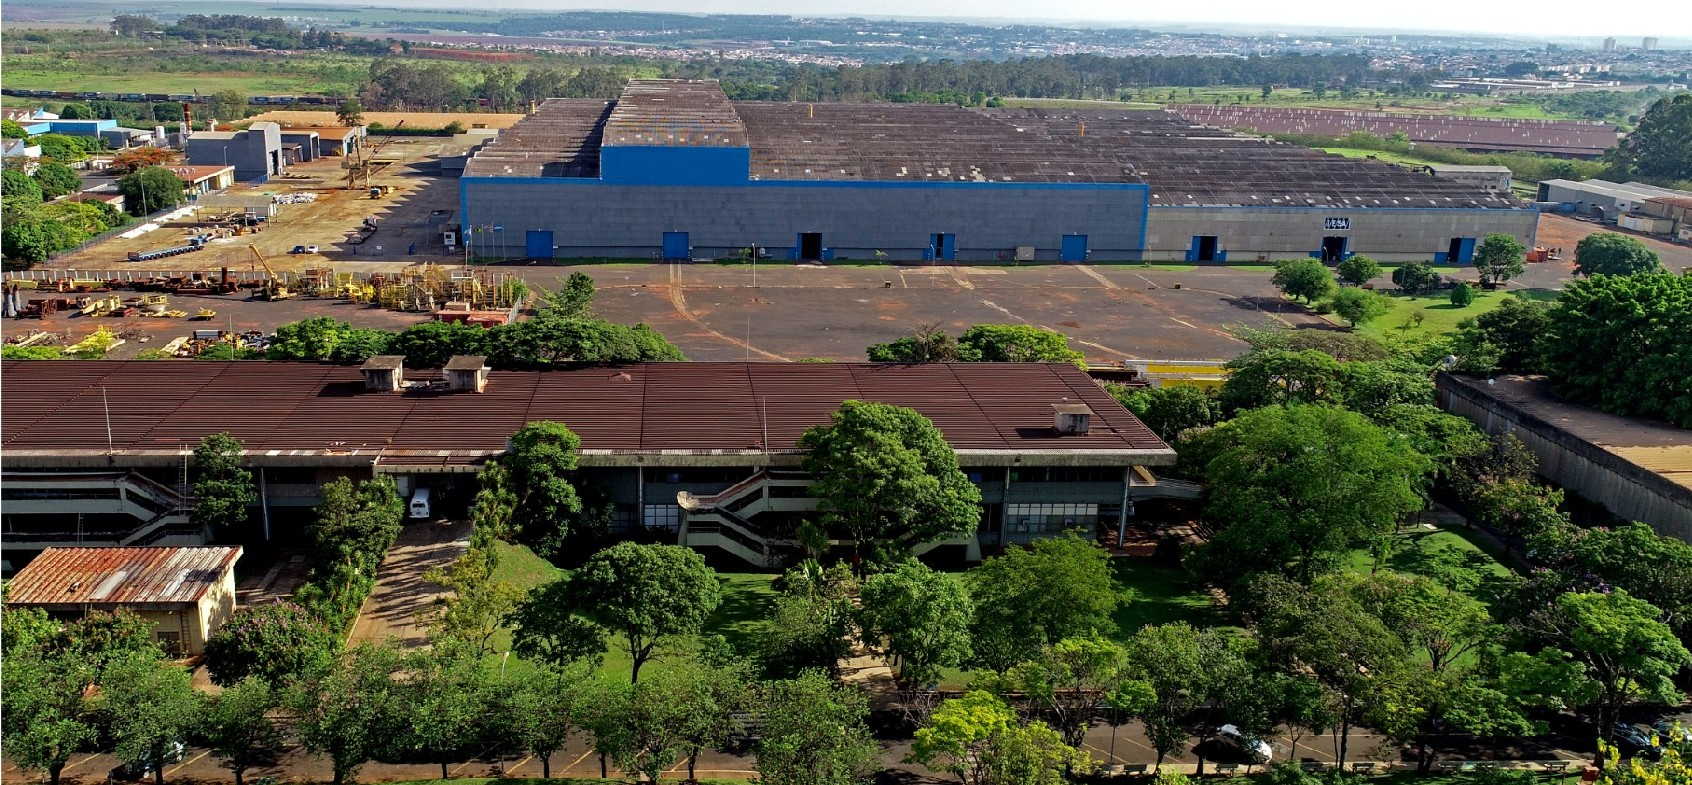 Galpão Industrial Araraquara, SP